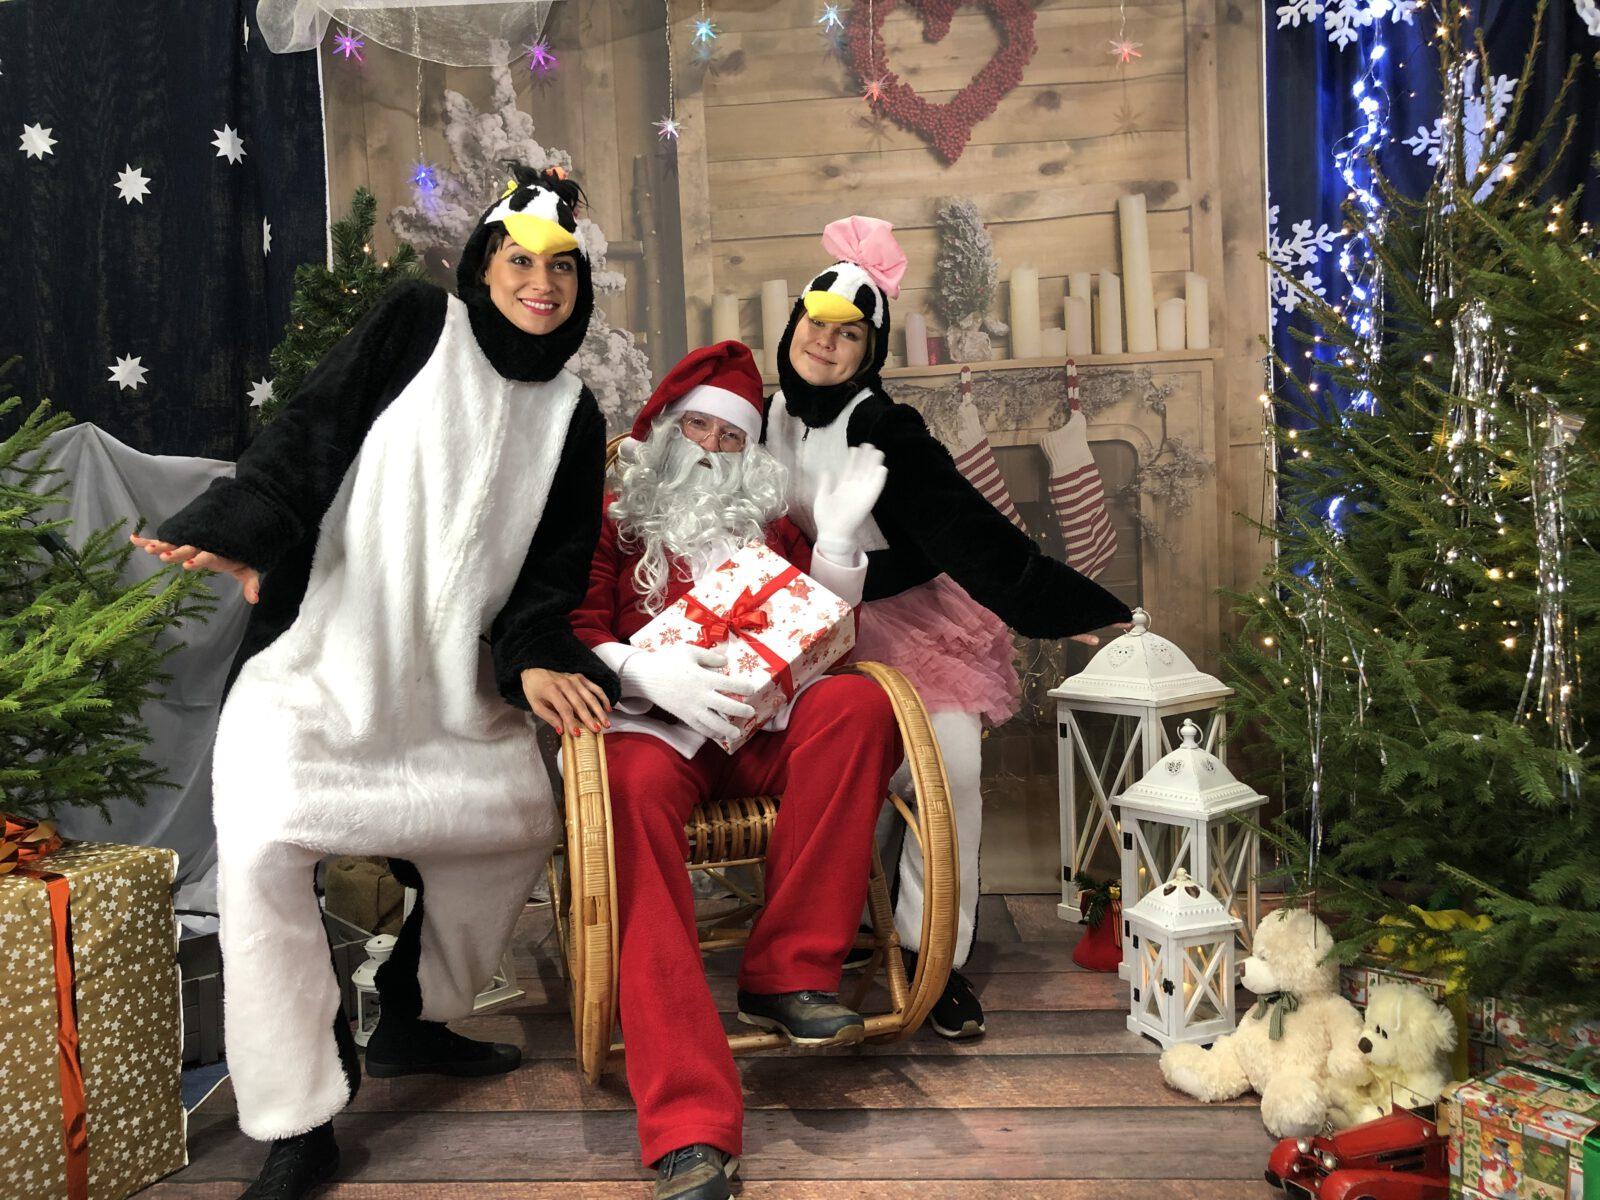 Święty Mikołaj w towarzystwie pingwinów